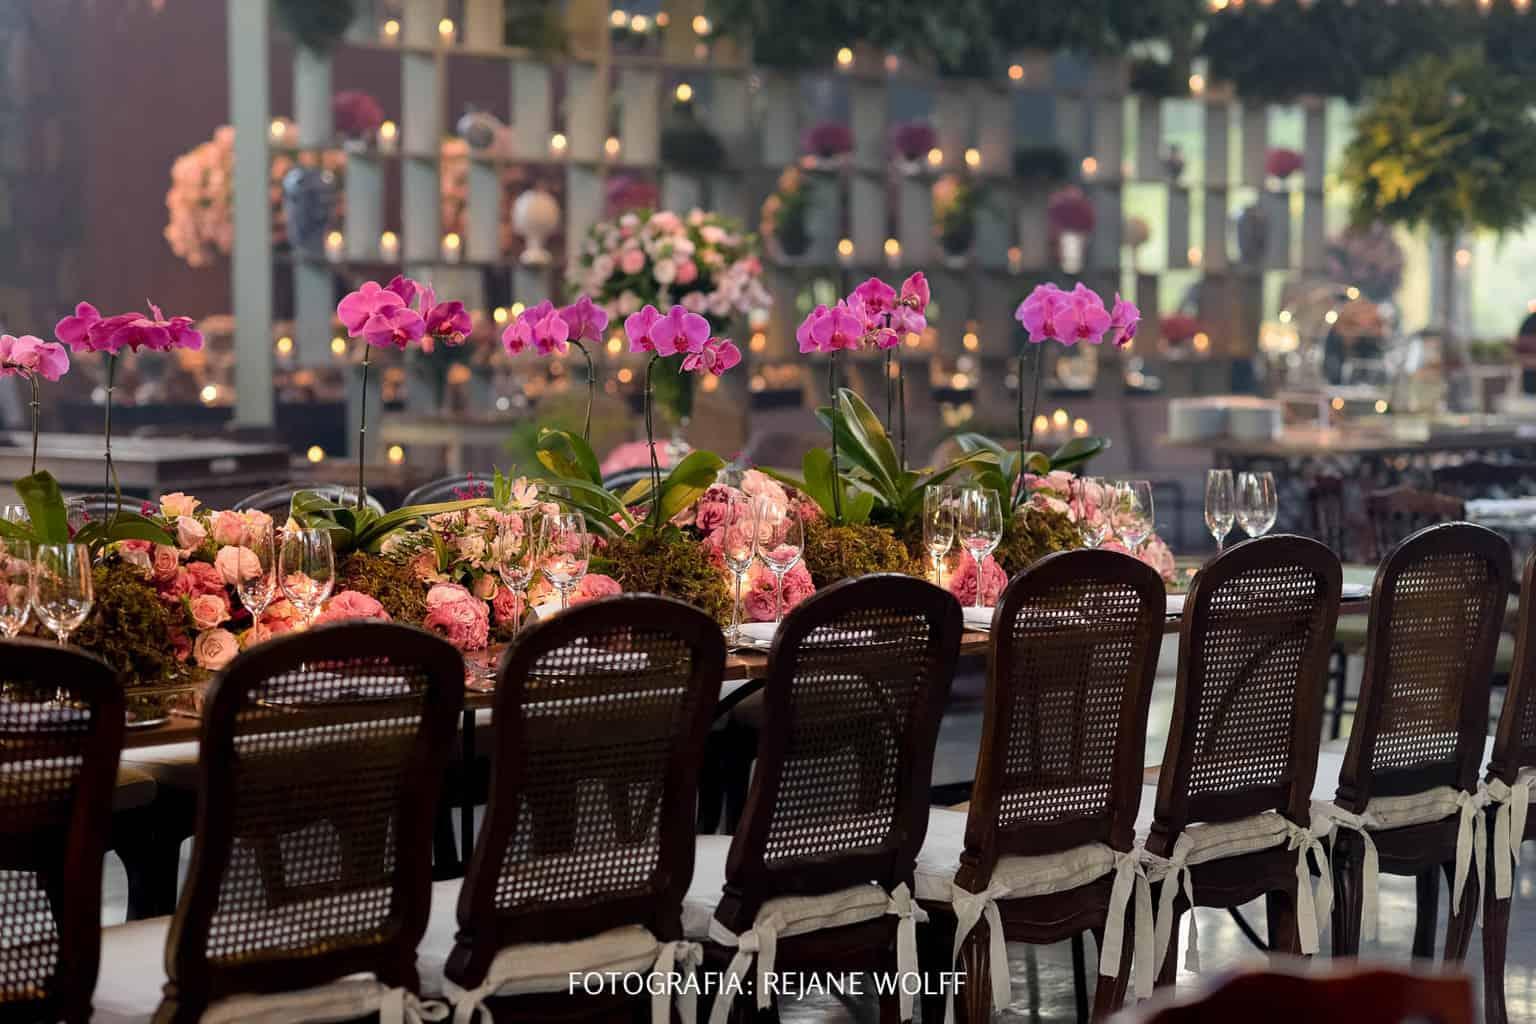 Casamento-Verane-e-Bruno-fotografia-Rejane-Wolff-hora-do-buque-Rej-Terras-de-Clara22